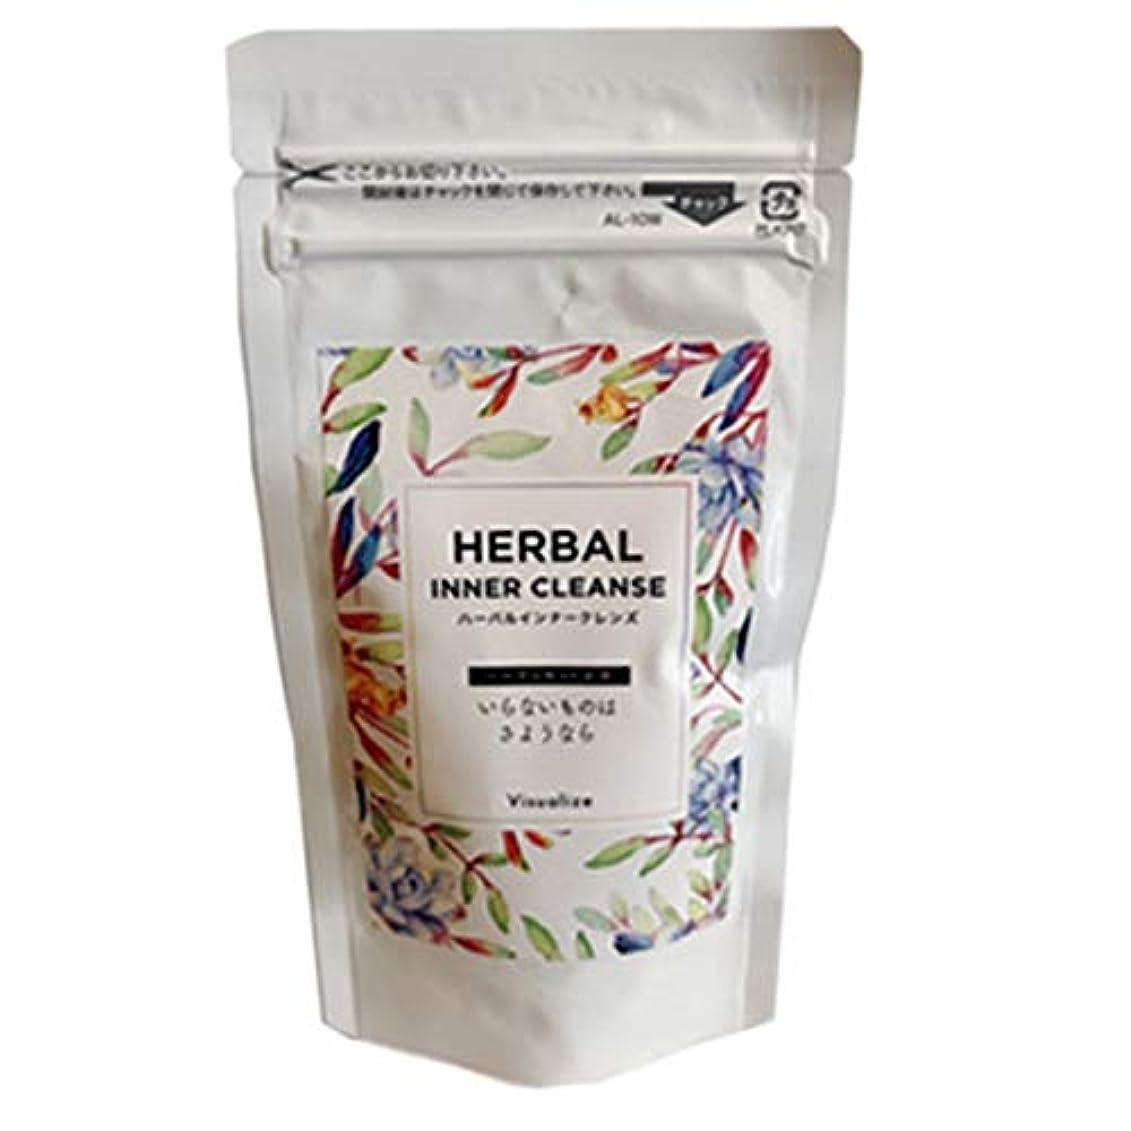 安定したロッカー時代ハーバルインナークレンズ Herbal INNER CLEANZE (150粒(tablets))2019/1/8より順次発送